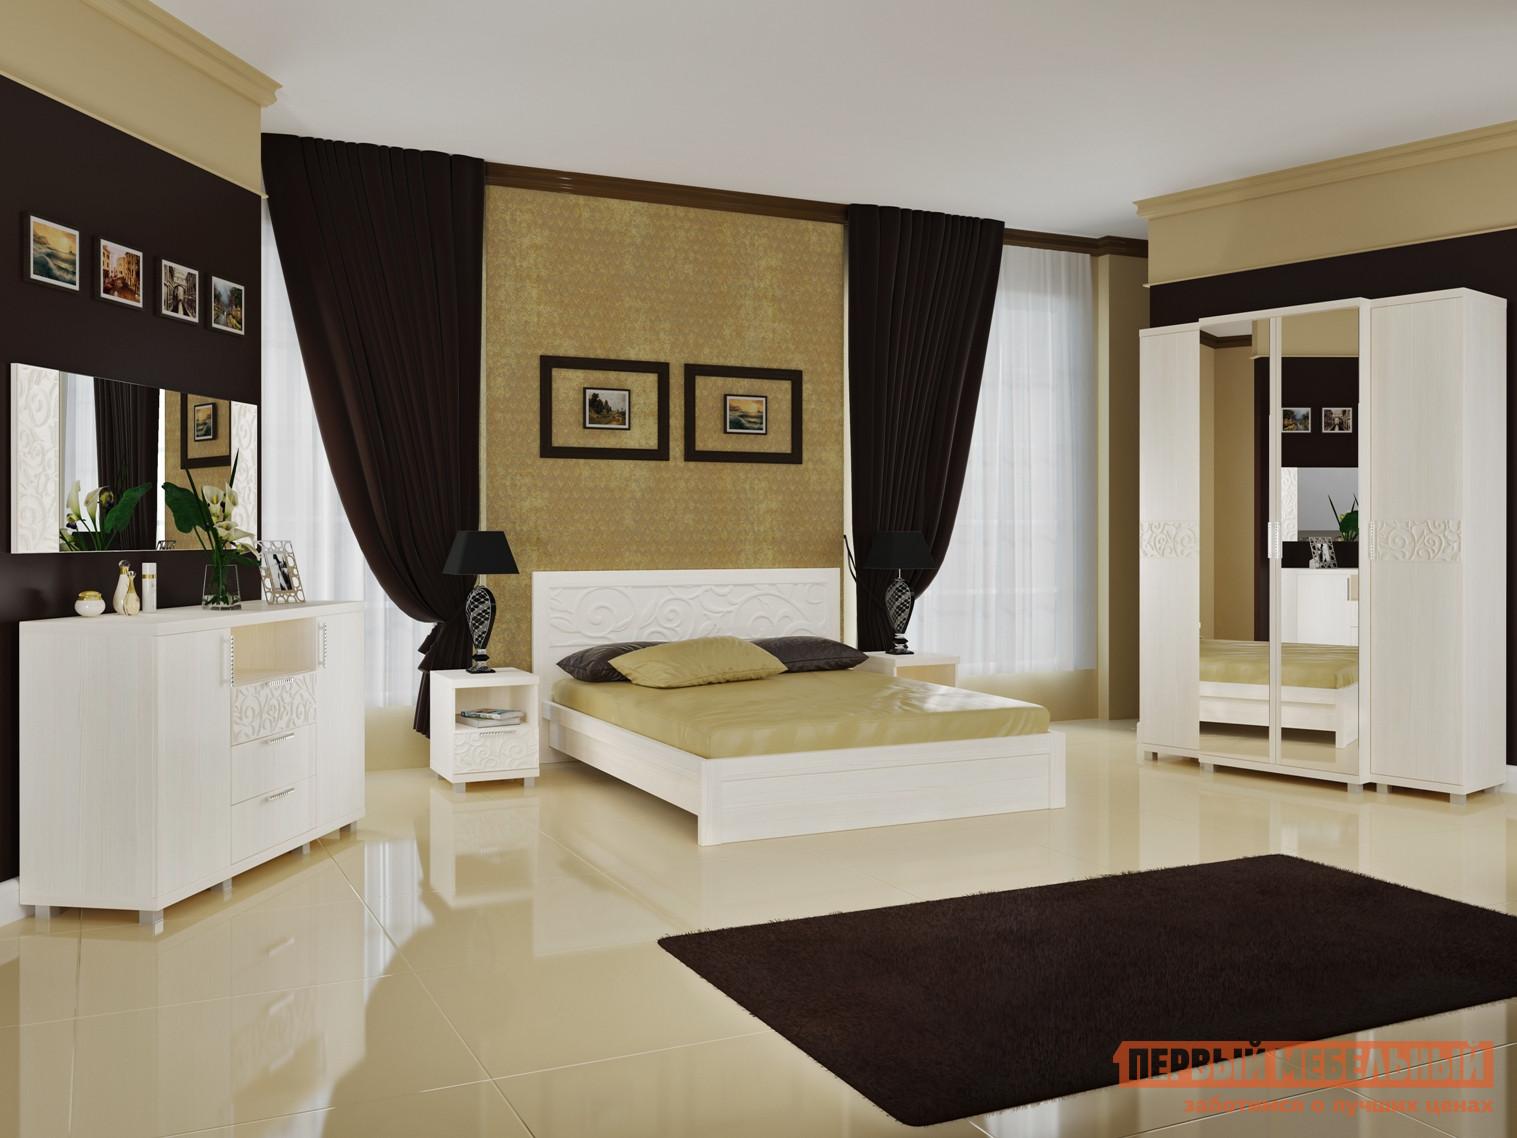 Комплект мебели для спальни ТД Арника Ирис К4 комплект детской мебели тд арника робинзон к1